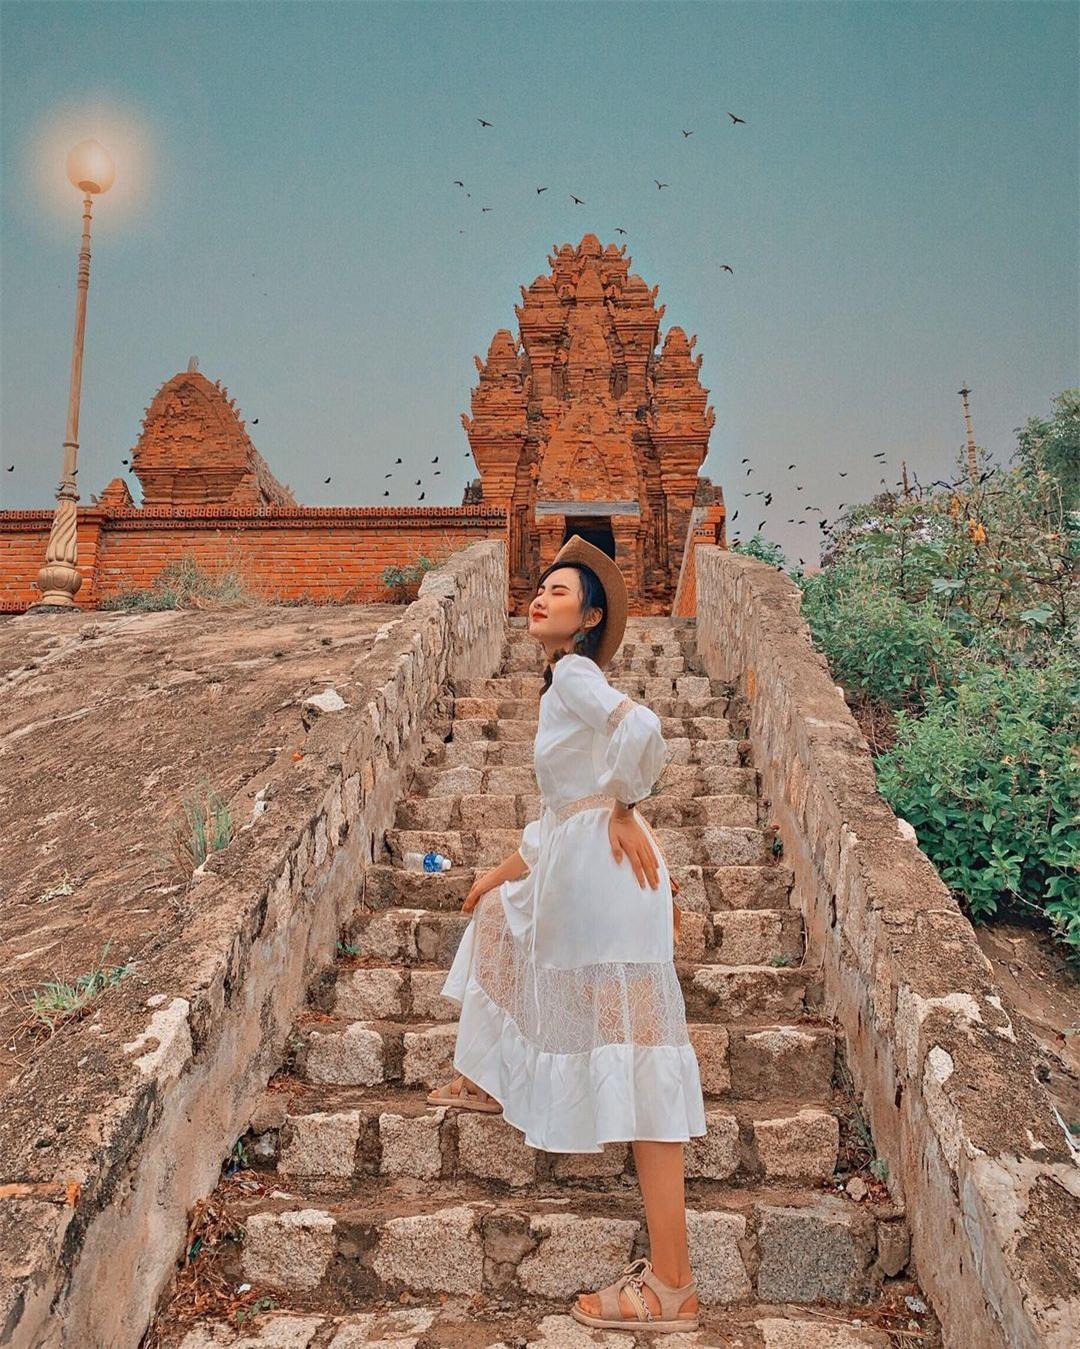 Gợi ý những điểm check-in tuyệt đẹp ở Ninh Thuận